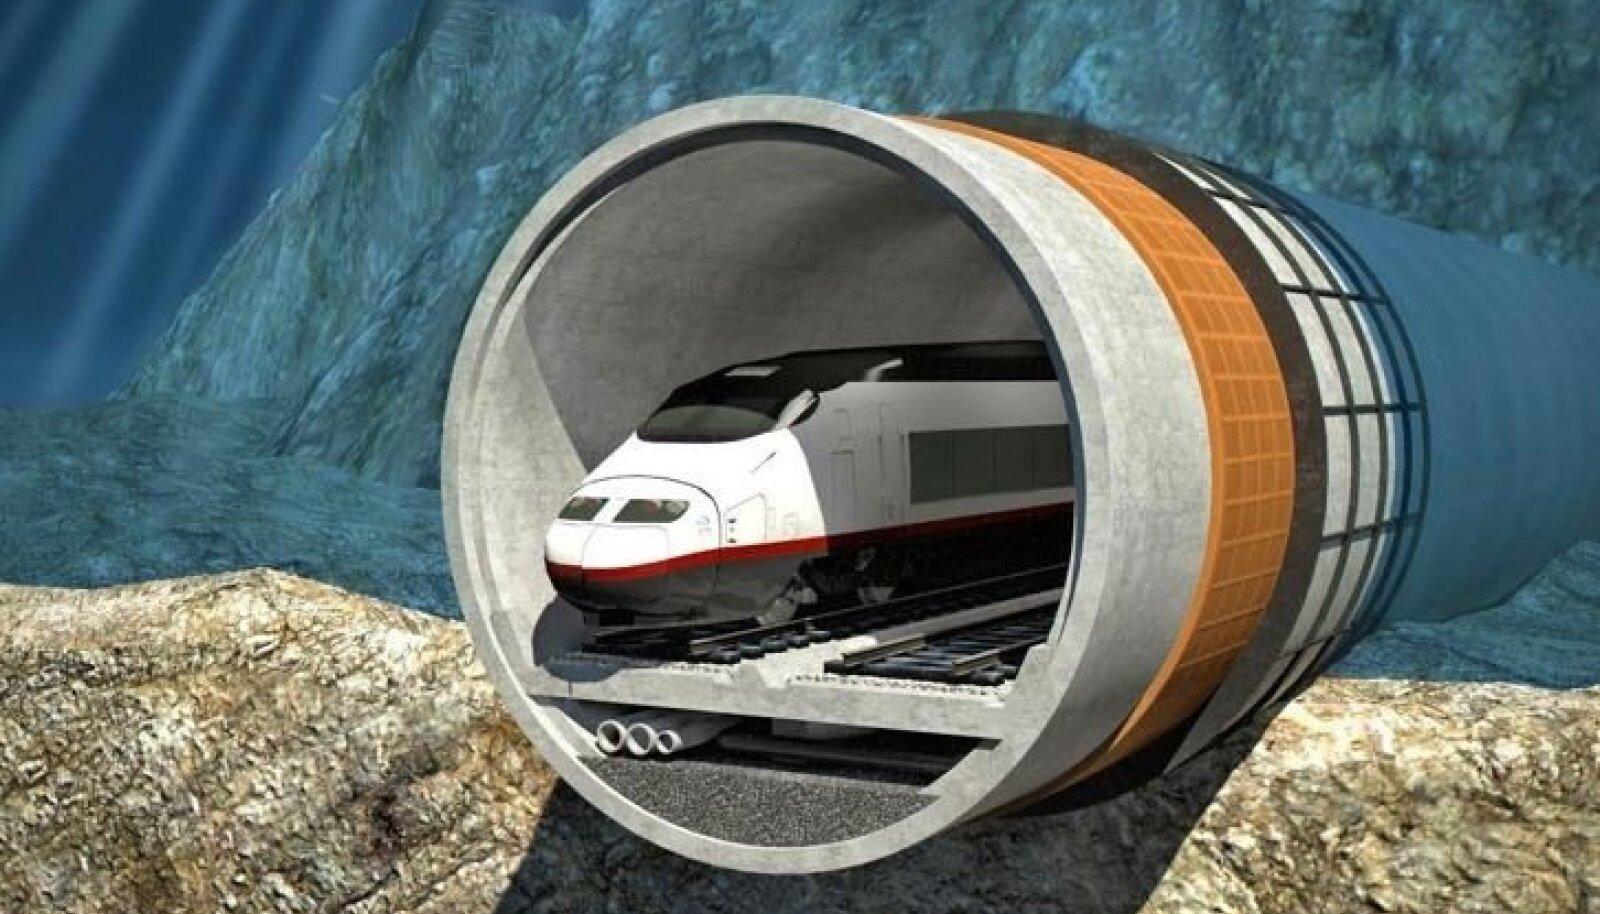 Tallinn-Helsingi tunneli lõige